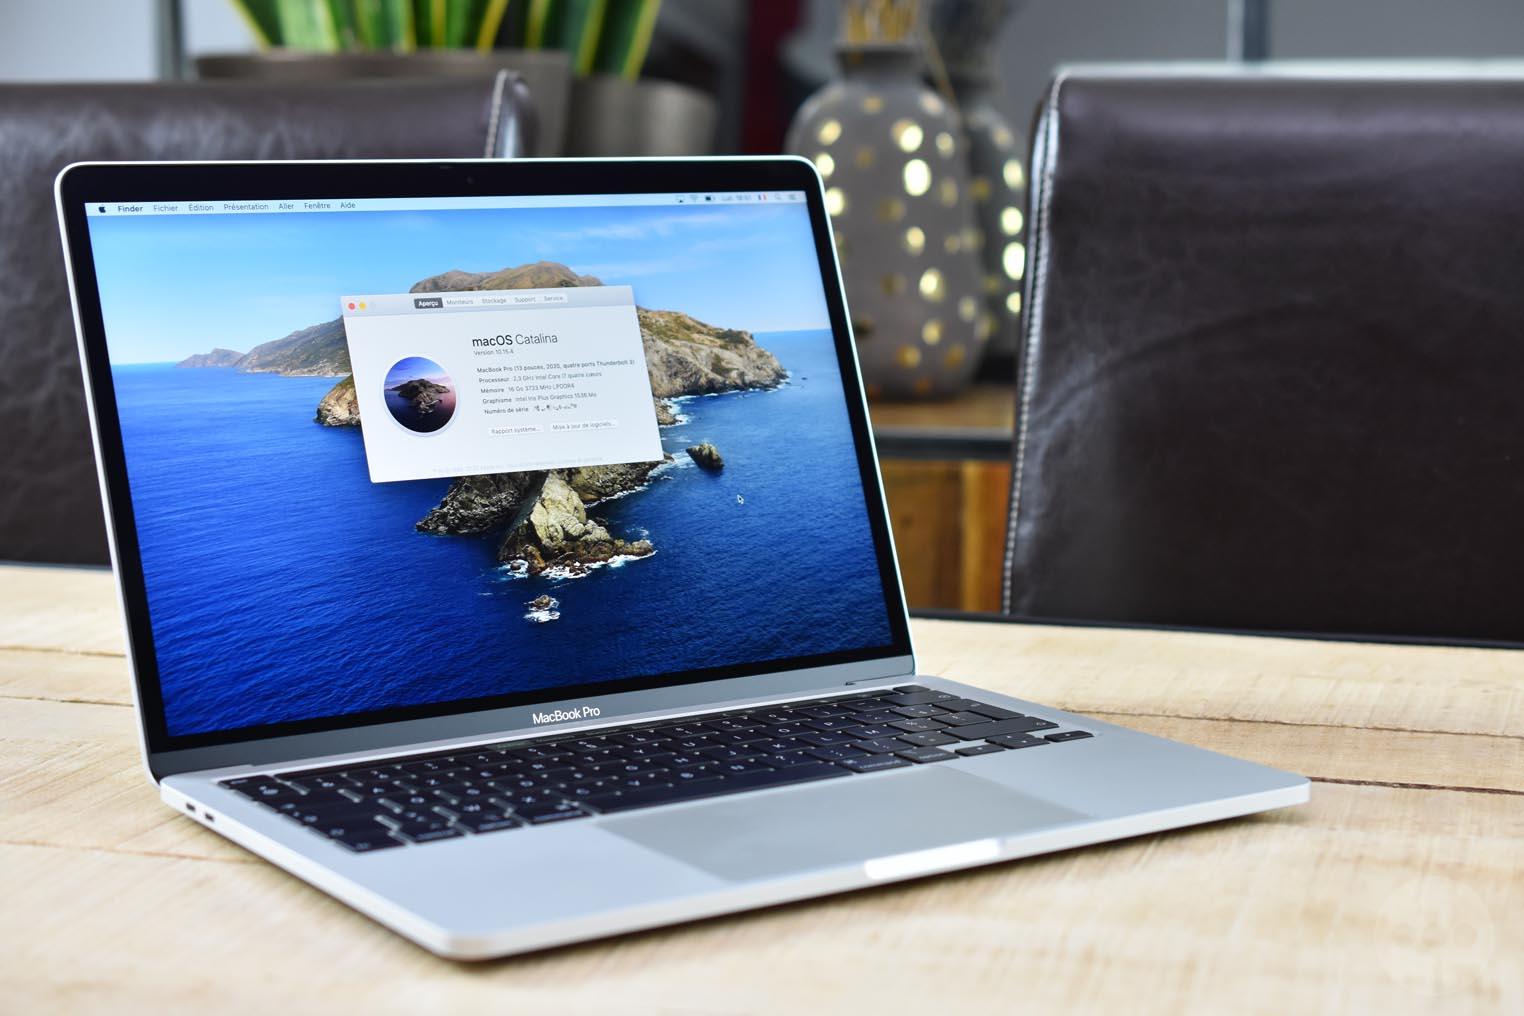 consomac notre test des macbook pro